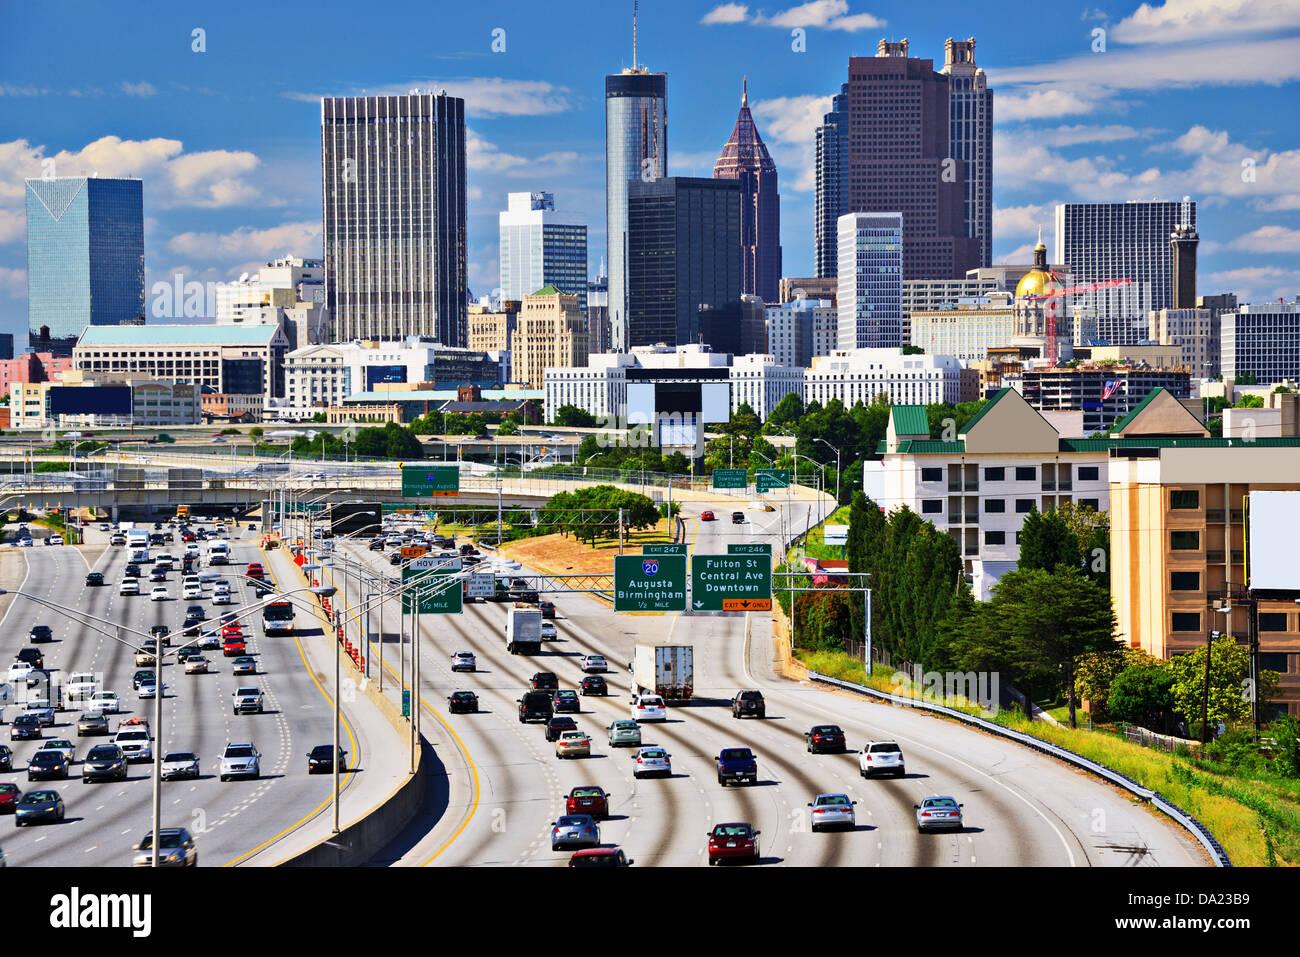 Perfil del centro de la ciudad de Atlanta, Georgia. Imagen De Stock